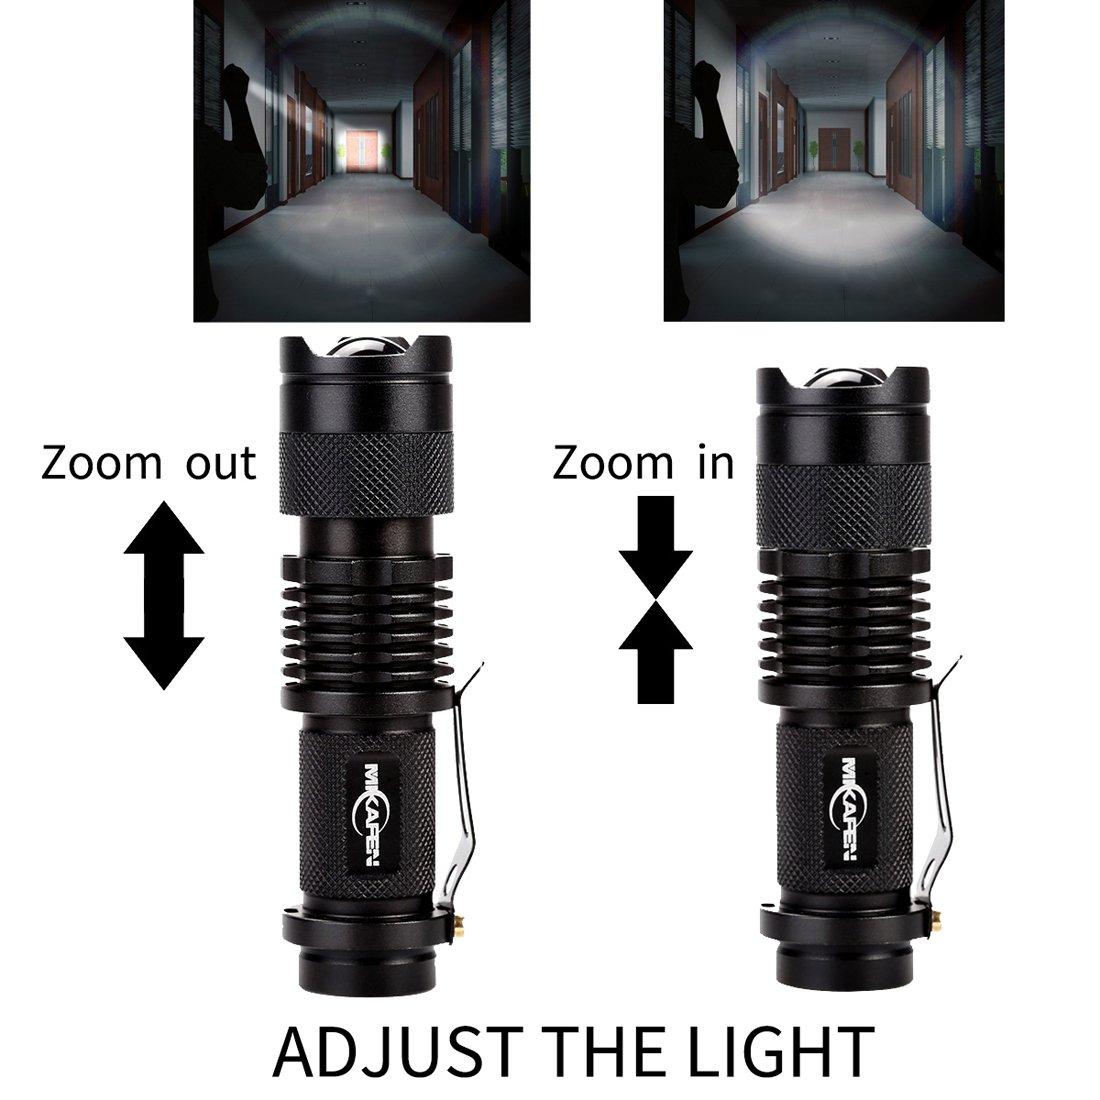 MIKAFEN 5 Pack Mini Flashlights LED Flashlight 300lm Adjustable Focus Zoomable